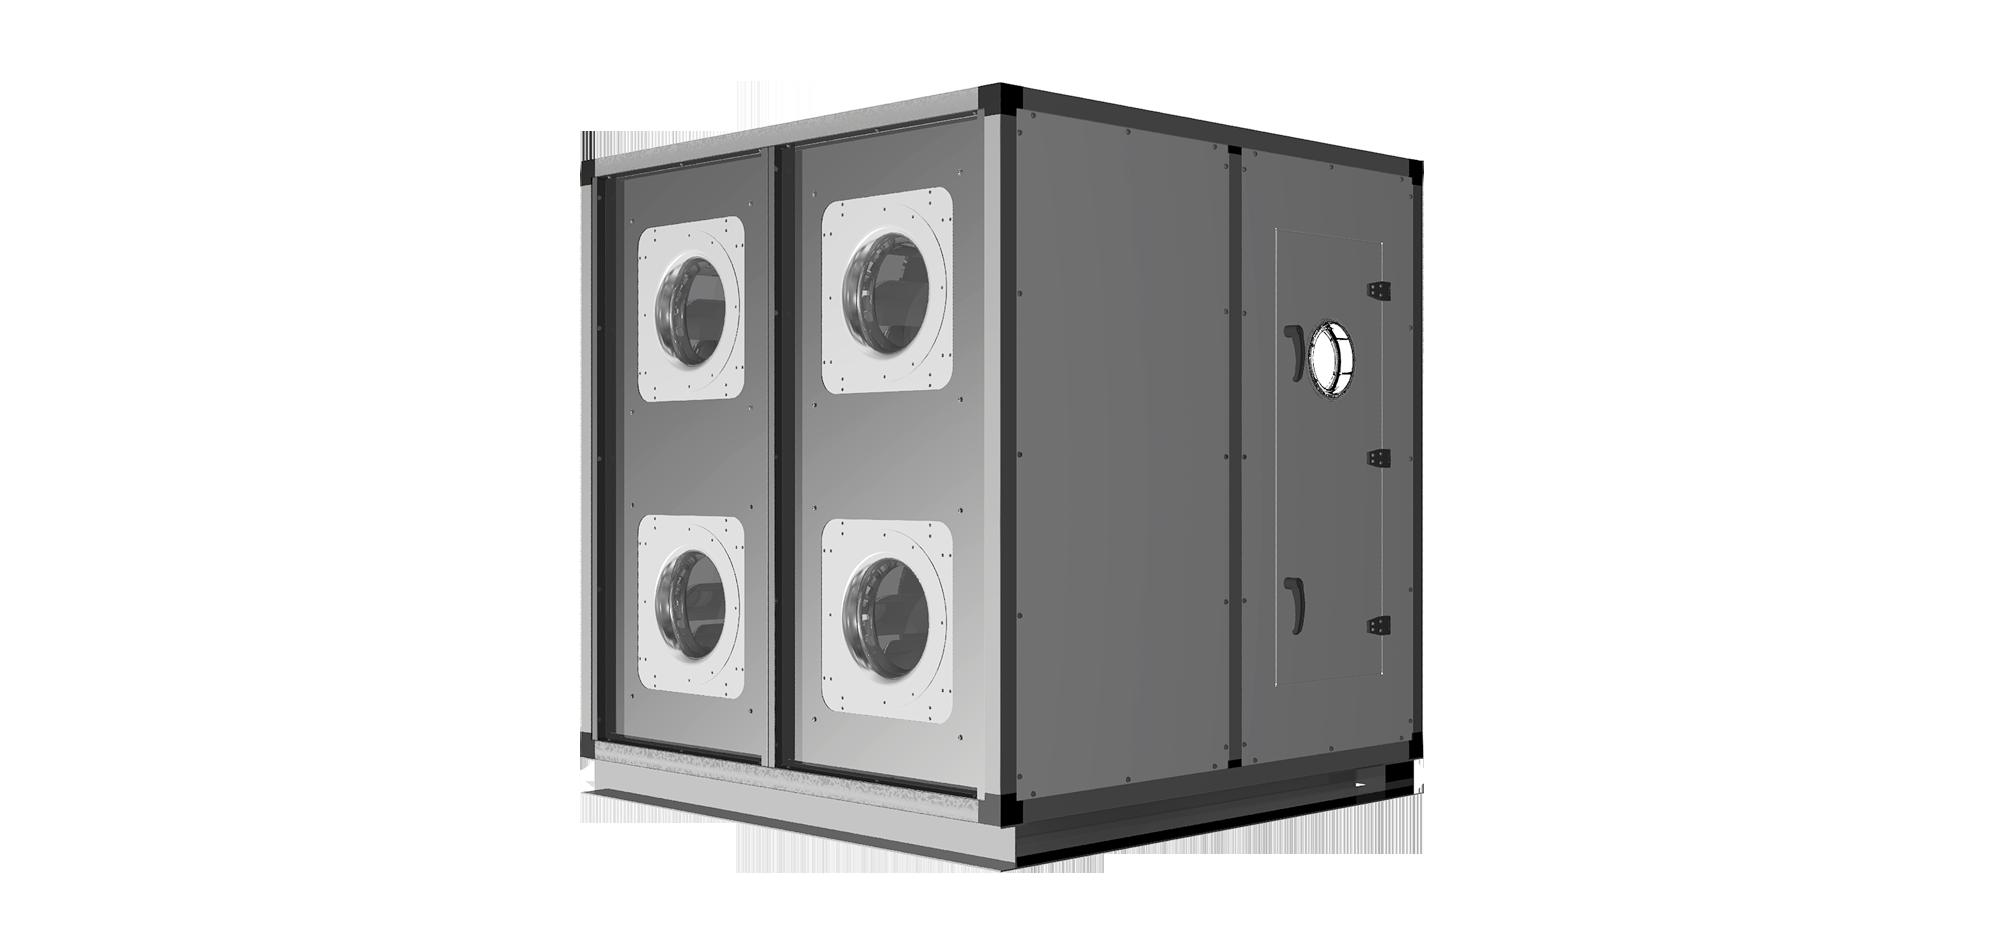 Portable Air Purifier 1000 - 3